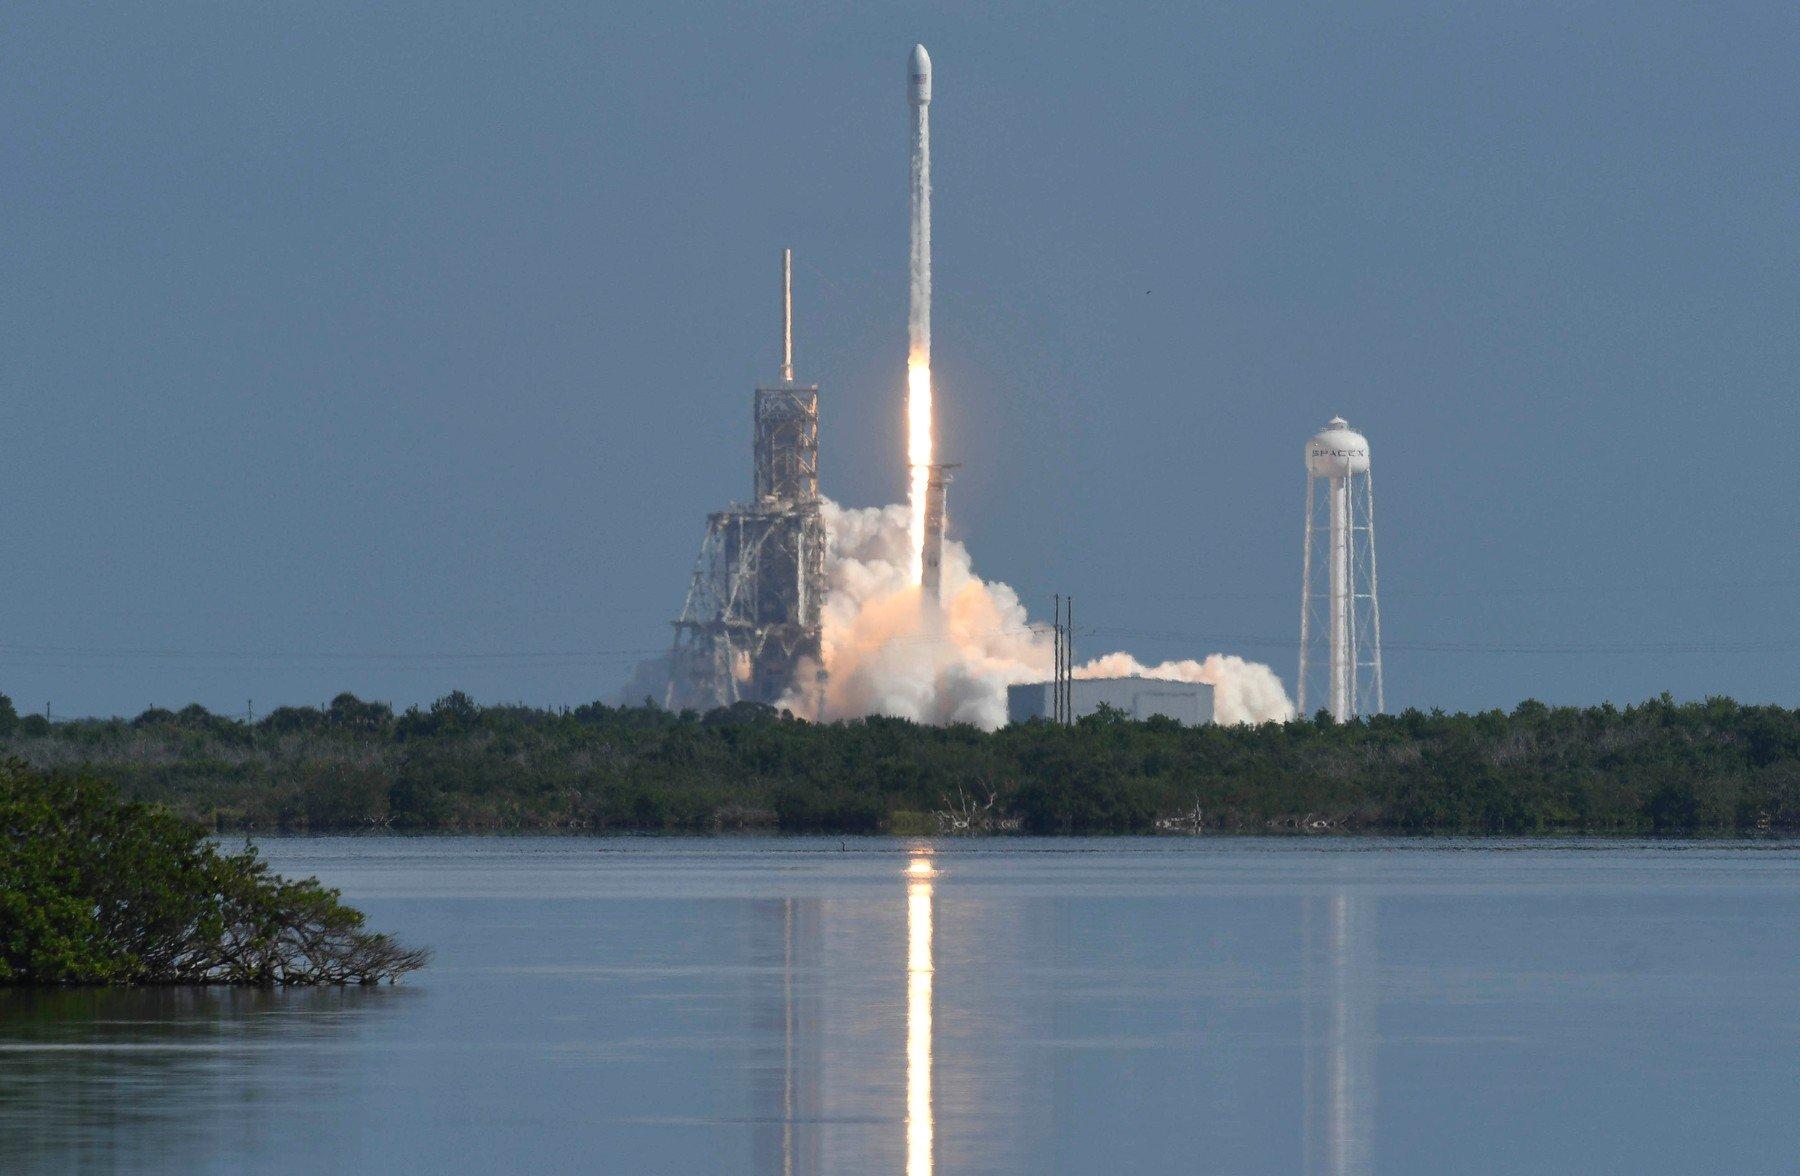 Lansiranje SpaceX Falcon 9 rakete